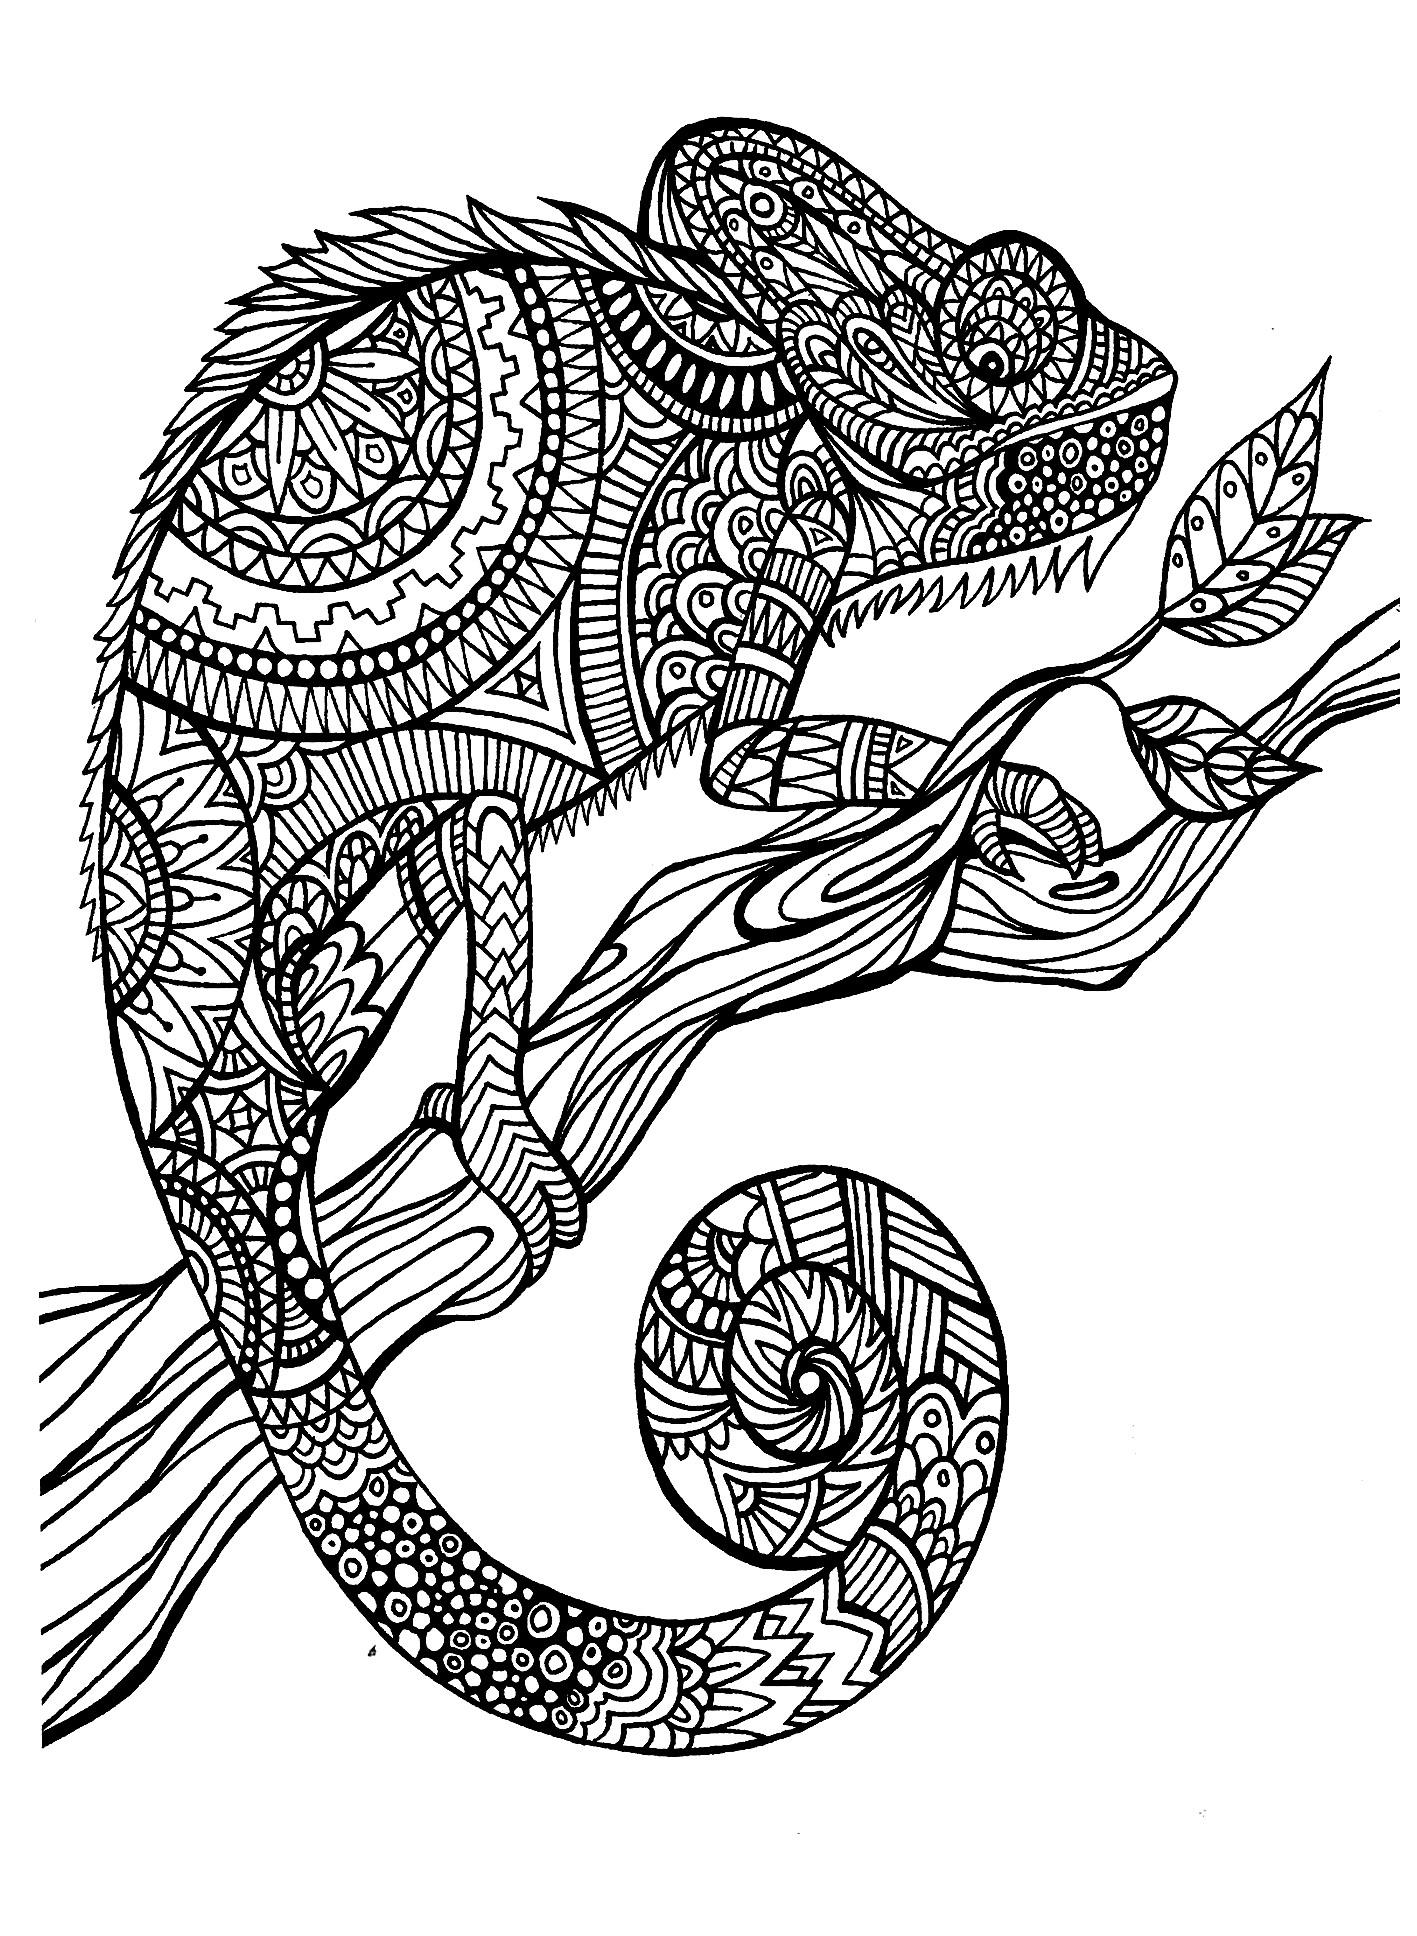 Camaleones y lagartos 32362 | Camaleones Y Lagartos - Colorear para ...